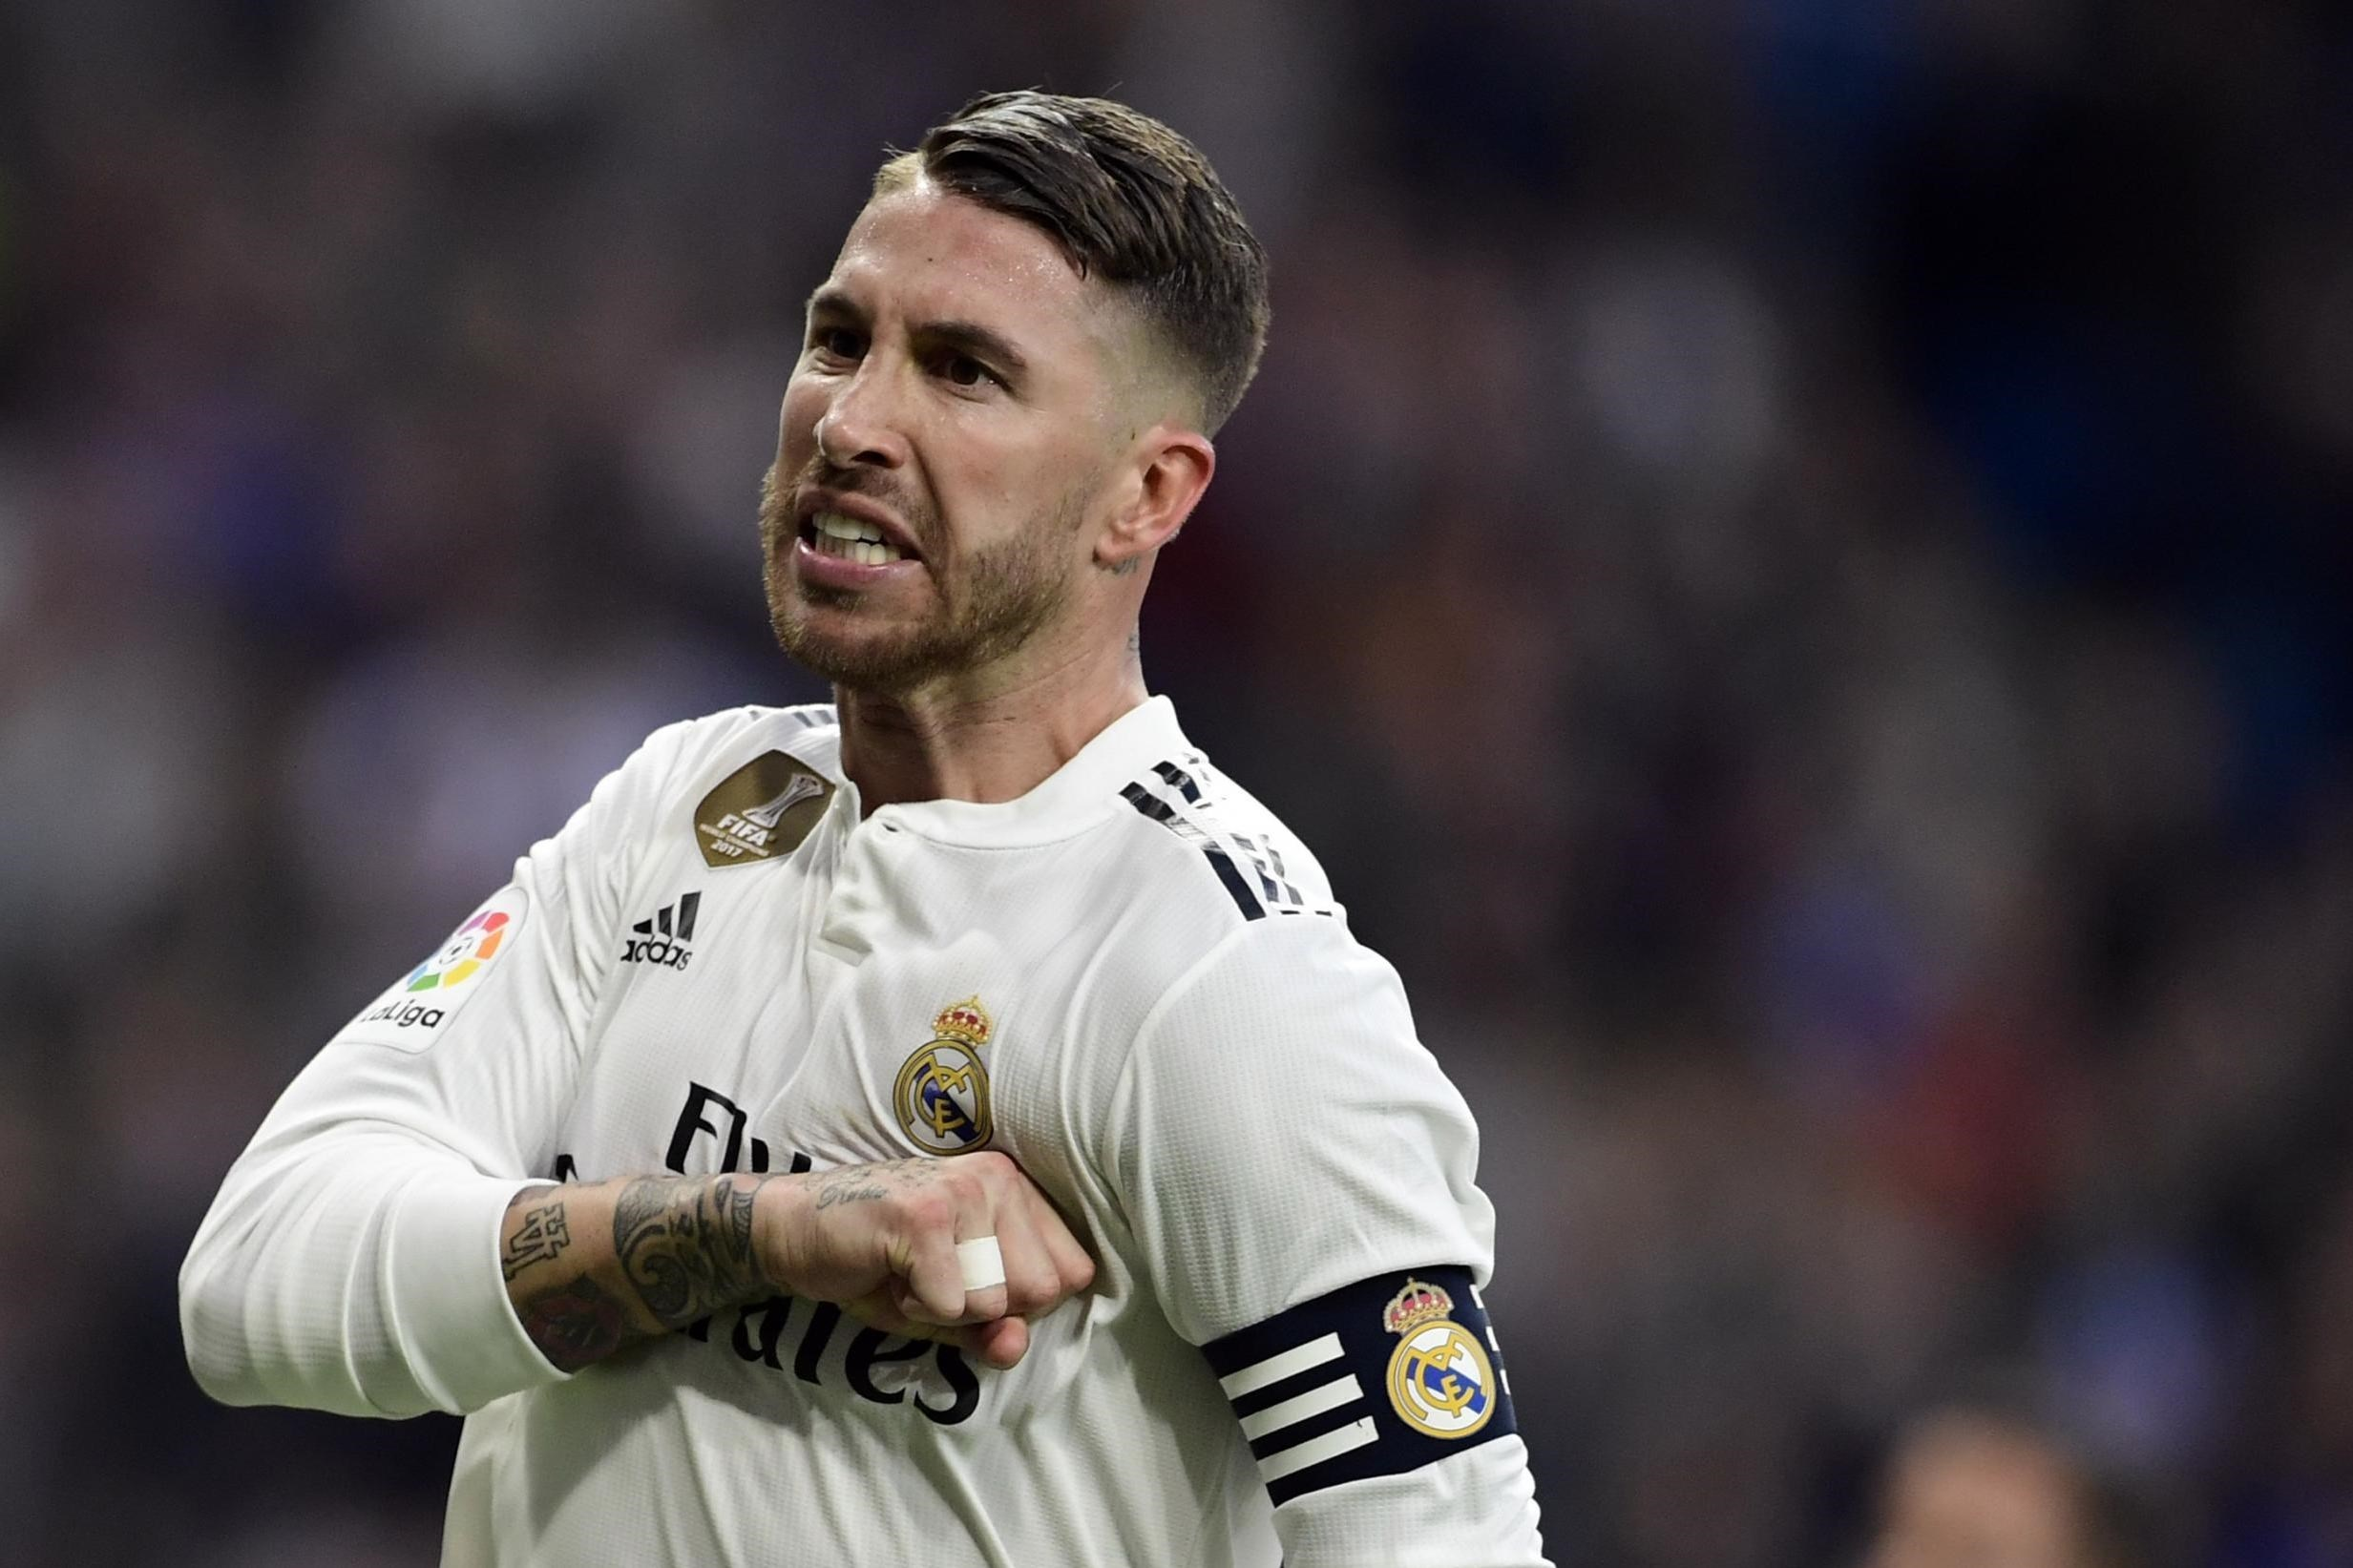 راموس يجدد ولاءه لريال مدريد